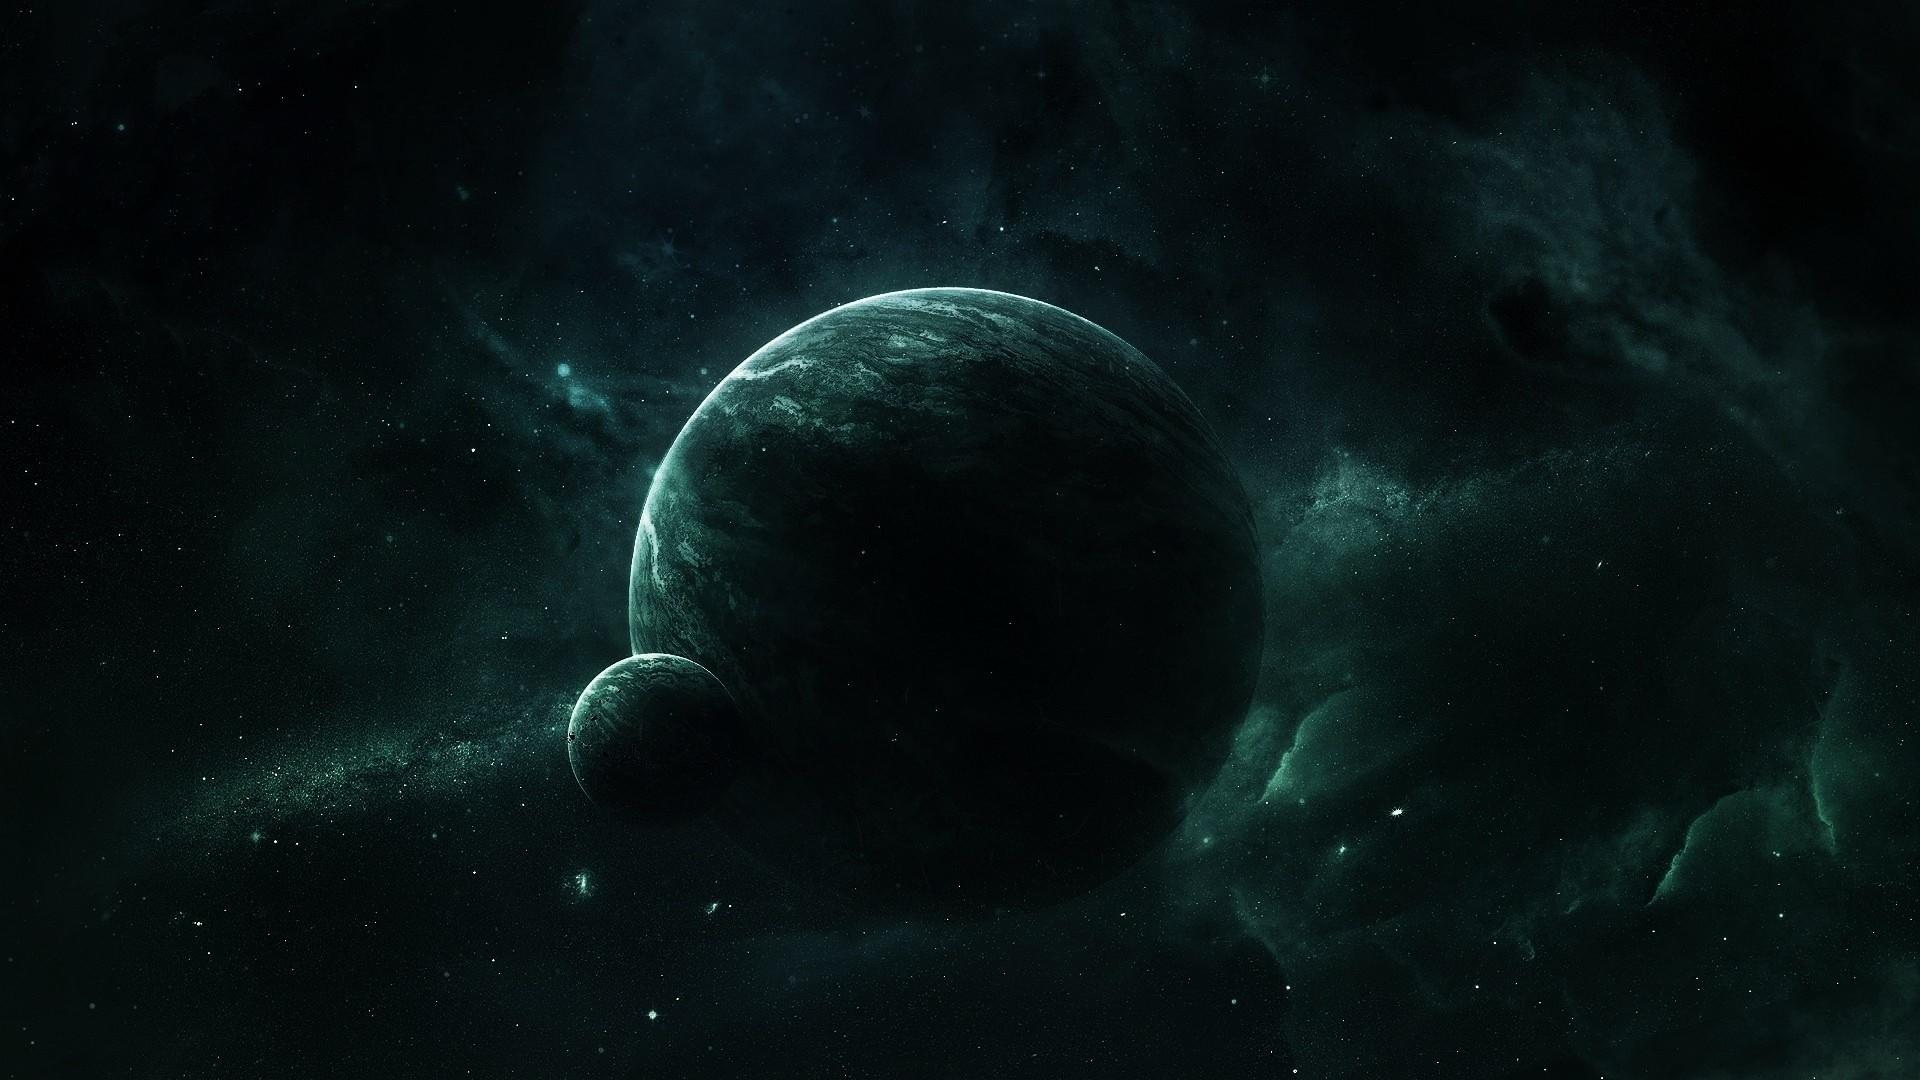 пространственная туманность вокруг планеты и спутника, вселенная, звёзды